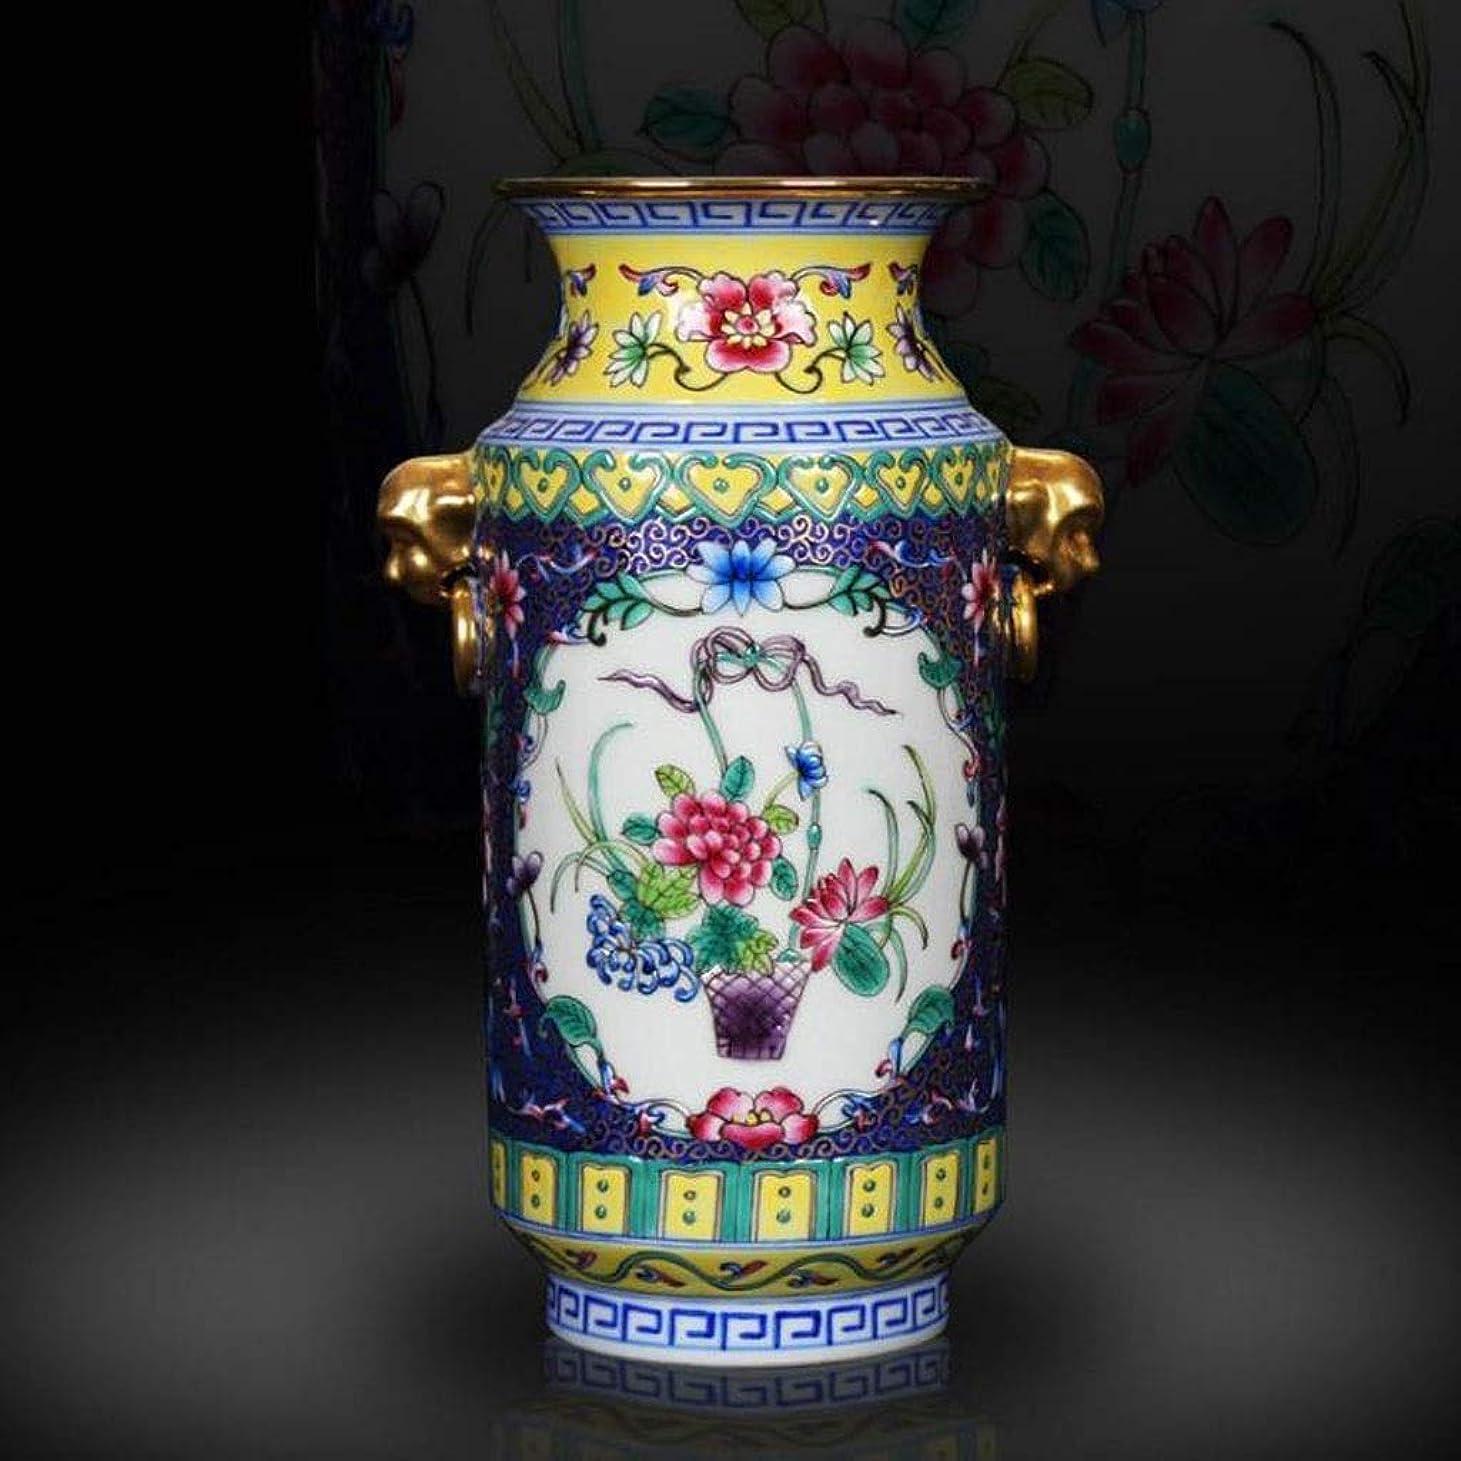 論争的気難しい言語花瓶 優れた磁器景徳鎮陶磁器庭の装飾資本ルームアクセサリークラシックスタイルエナメル磁器 インテリア フラワーベース